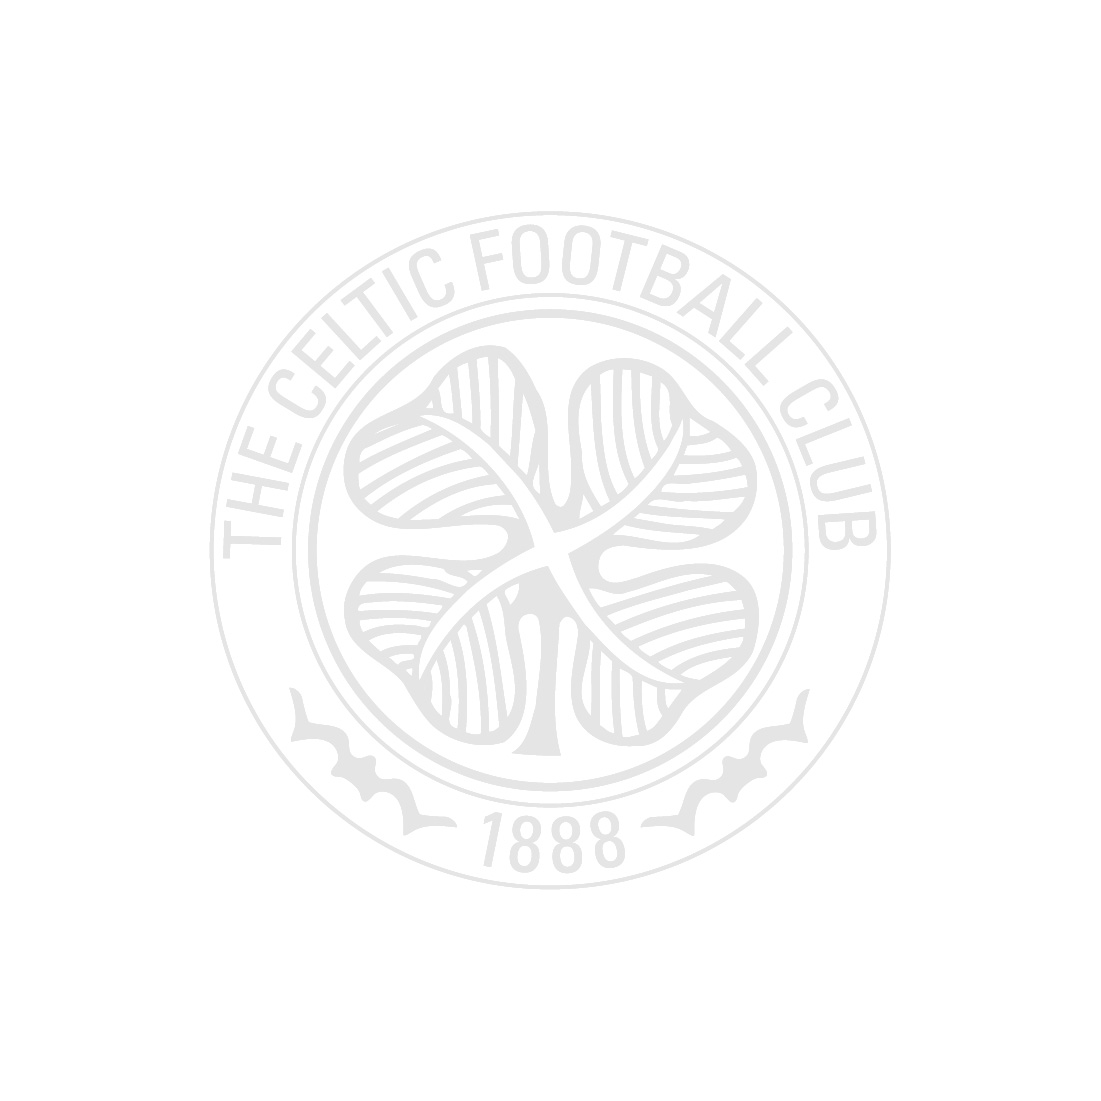 Celtic Skills Football